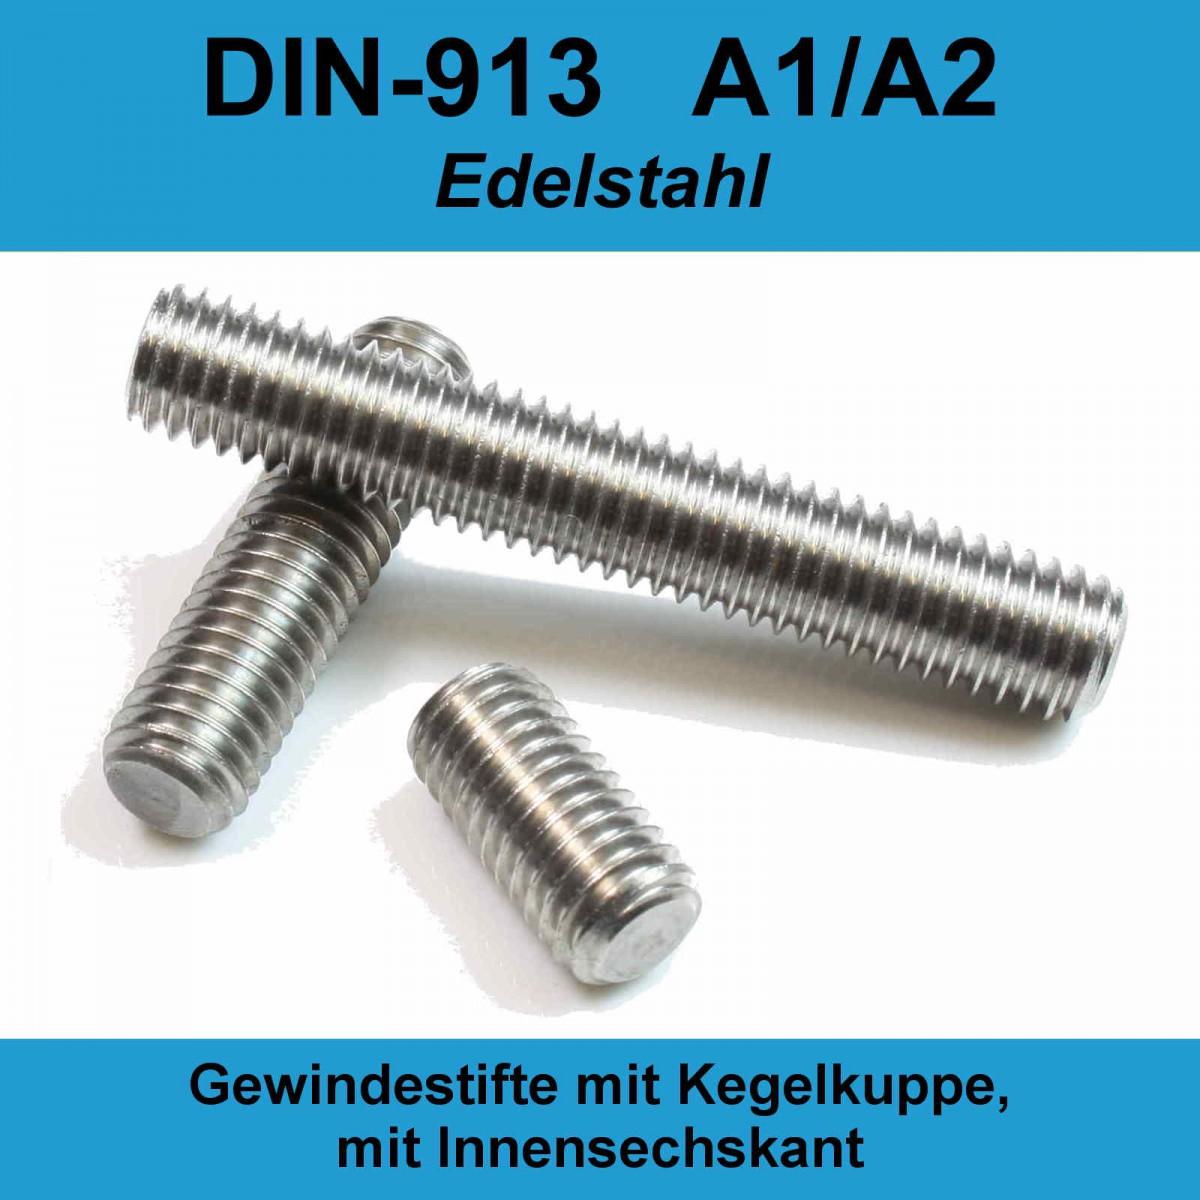 x50 M8x25 Gewindestifte Innensechskant Kegelkuppe Madenschrauben Edelstahl A2 DIN 913